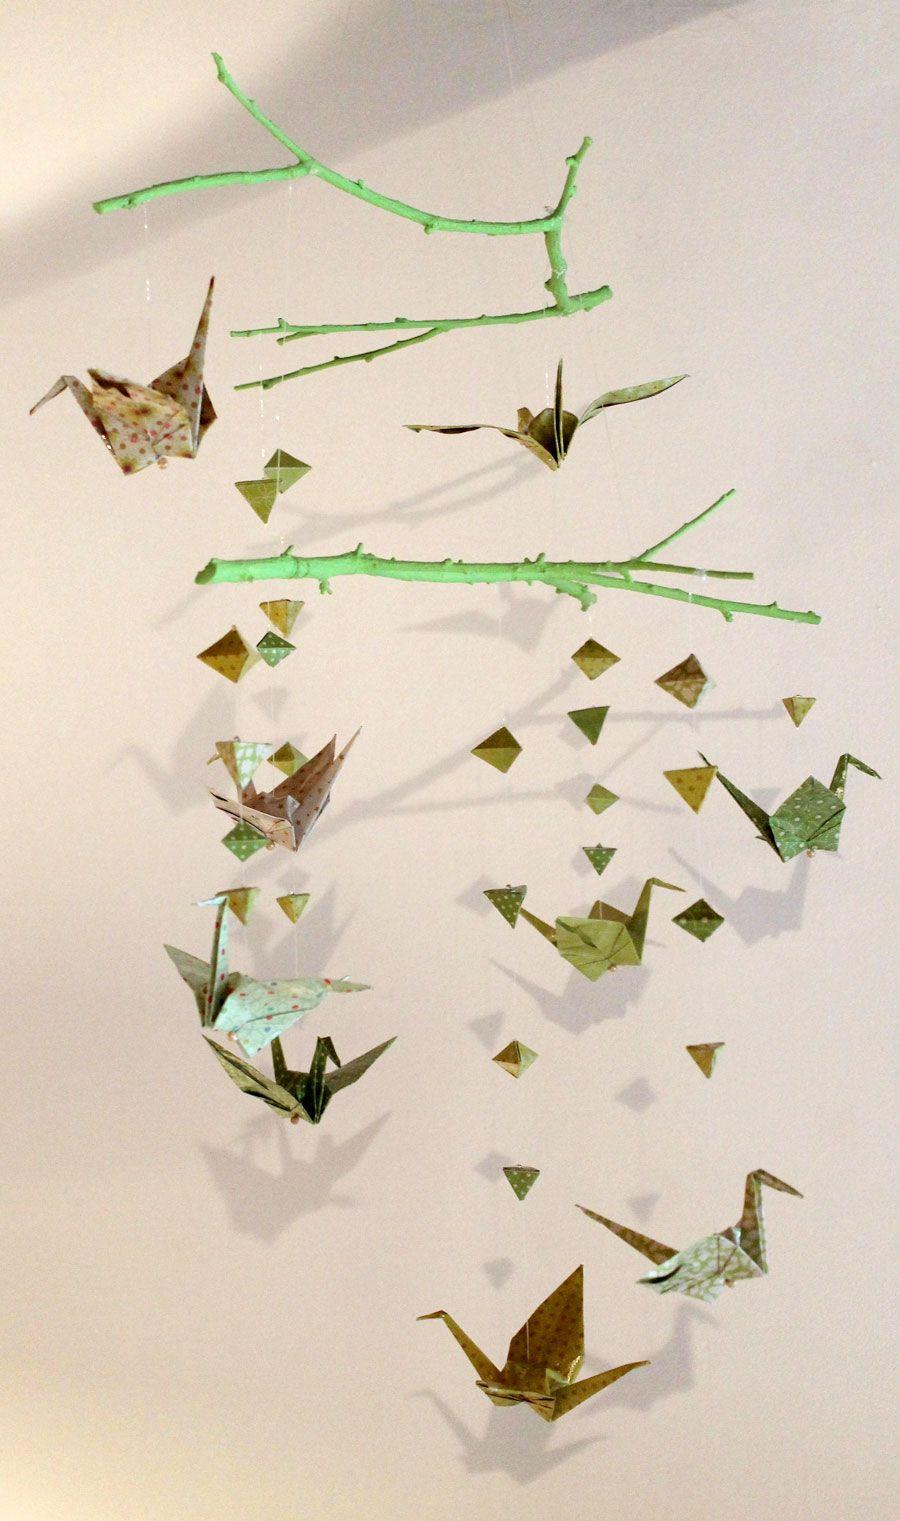 Comment Fabriquer Un Mobile En Bois faire un mobile en papier origami et des branches en bois